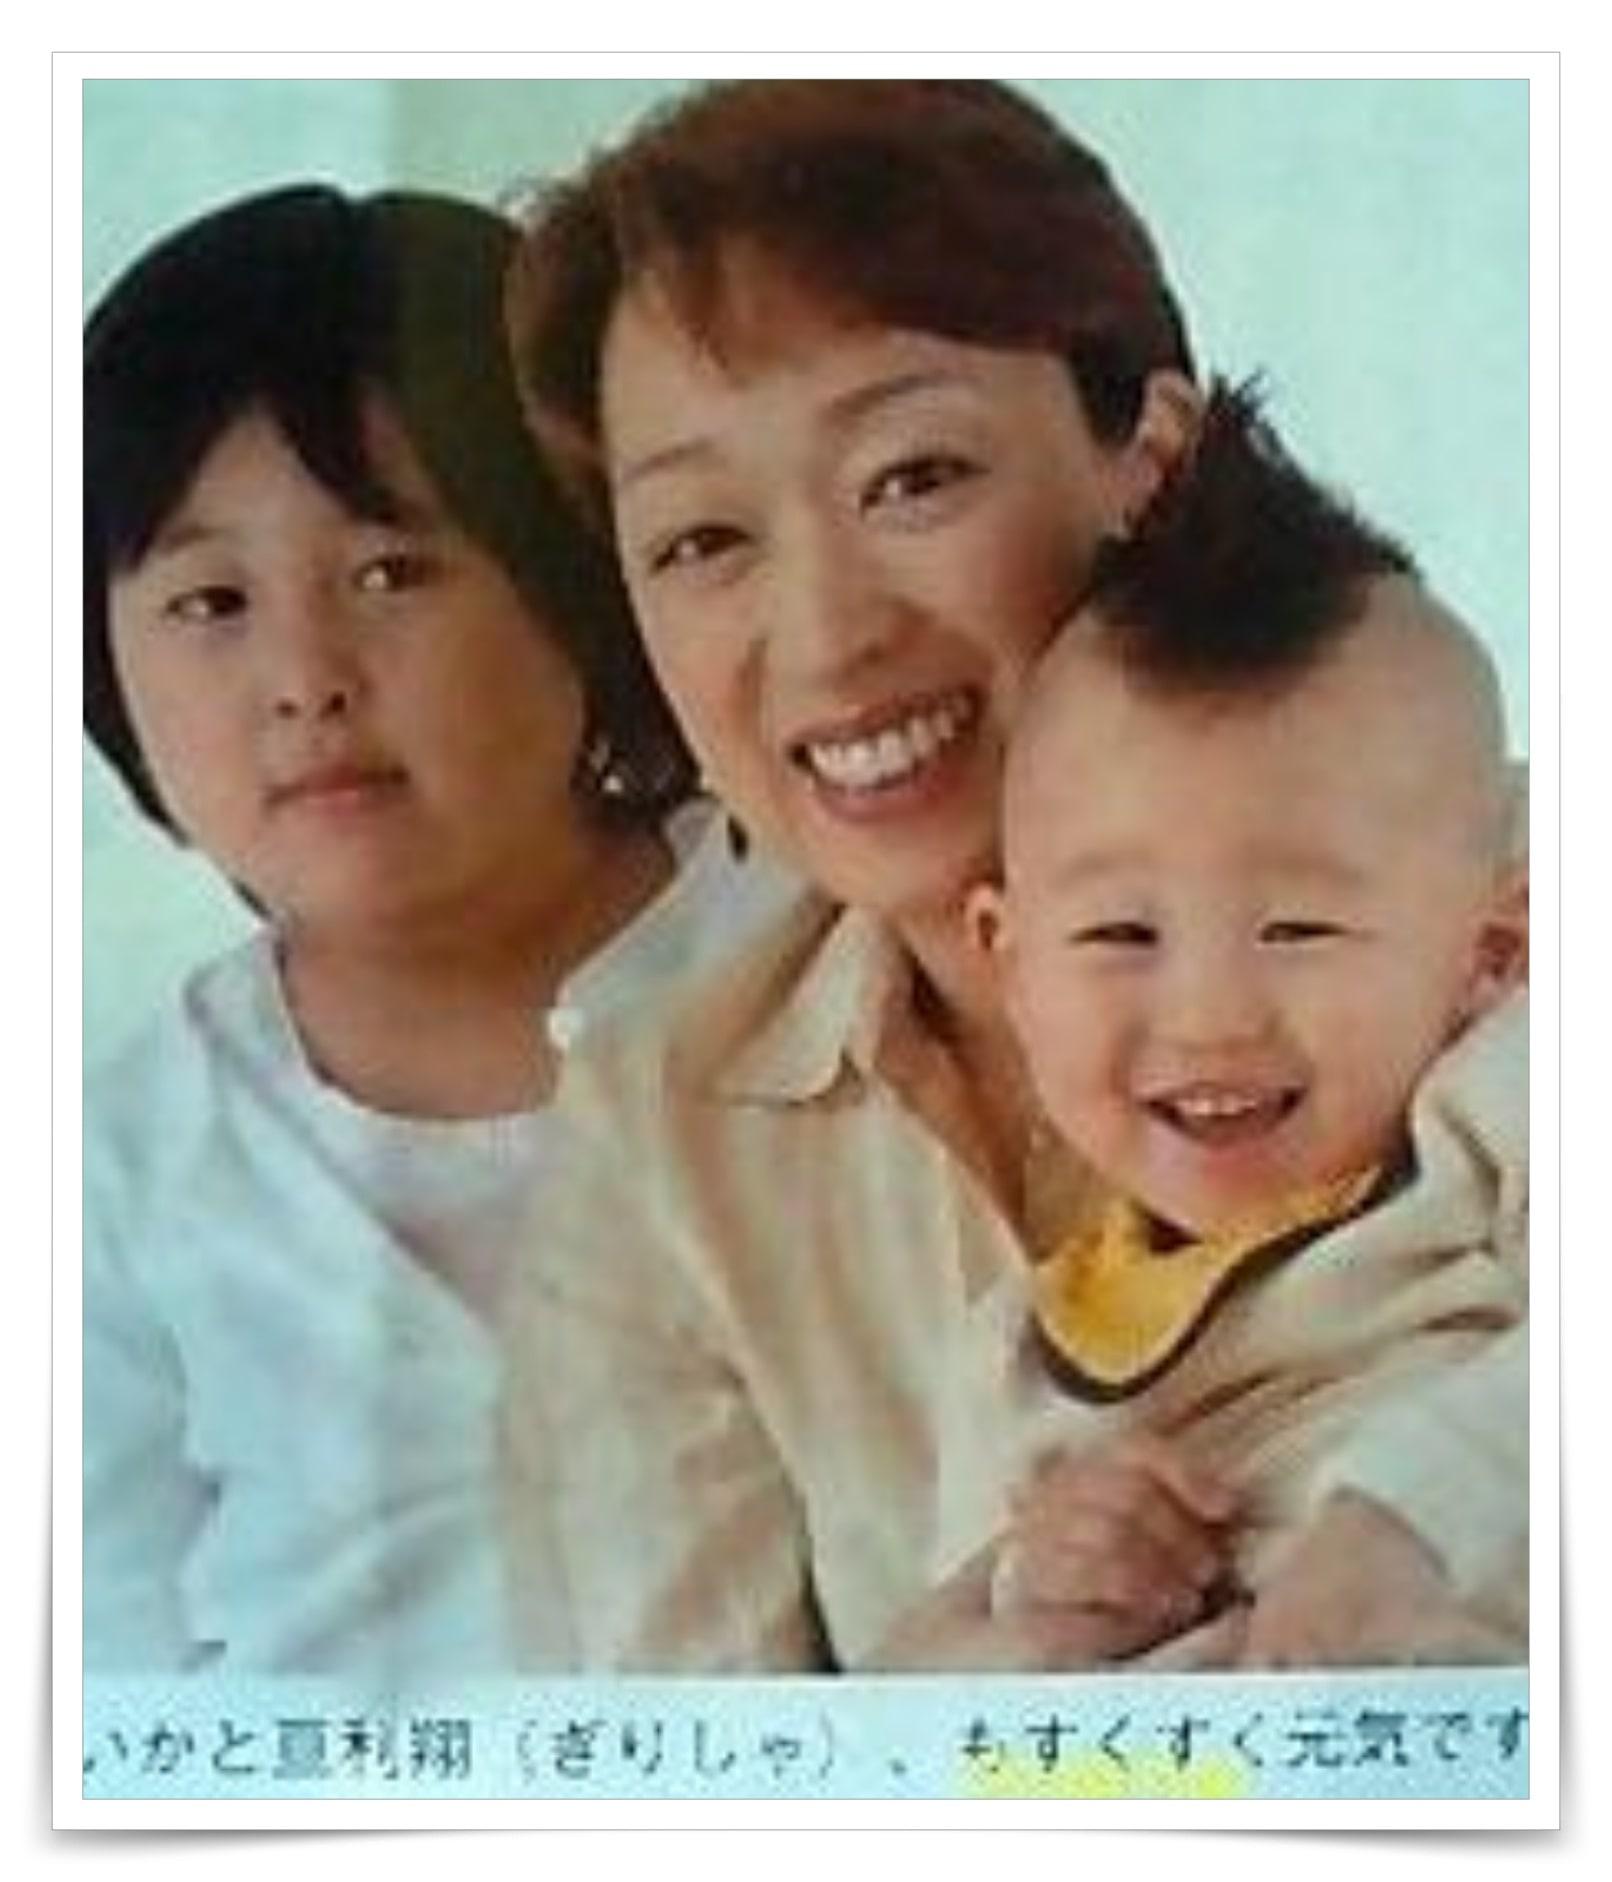 橋本聖子の子供の画像